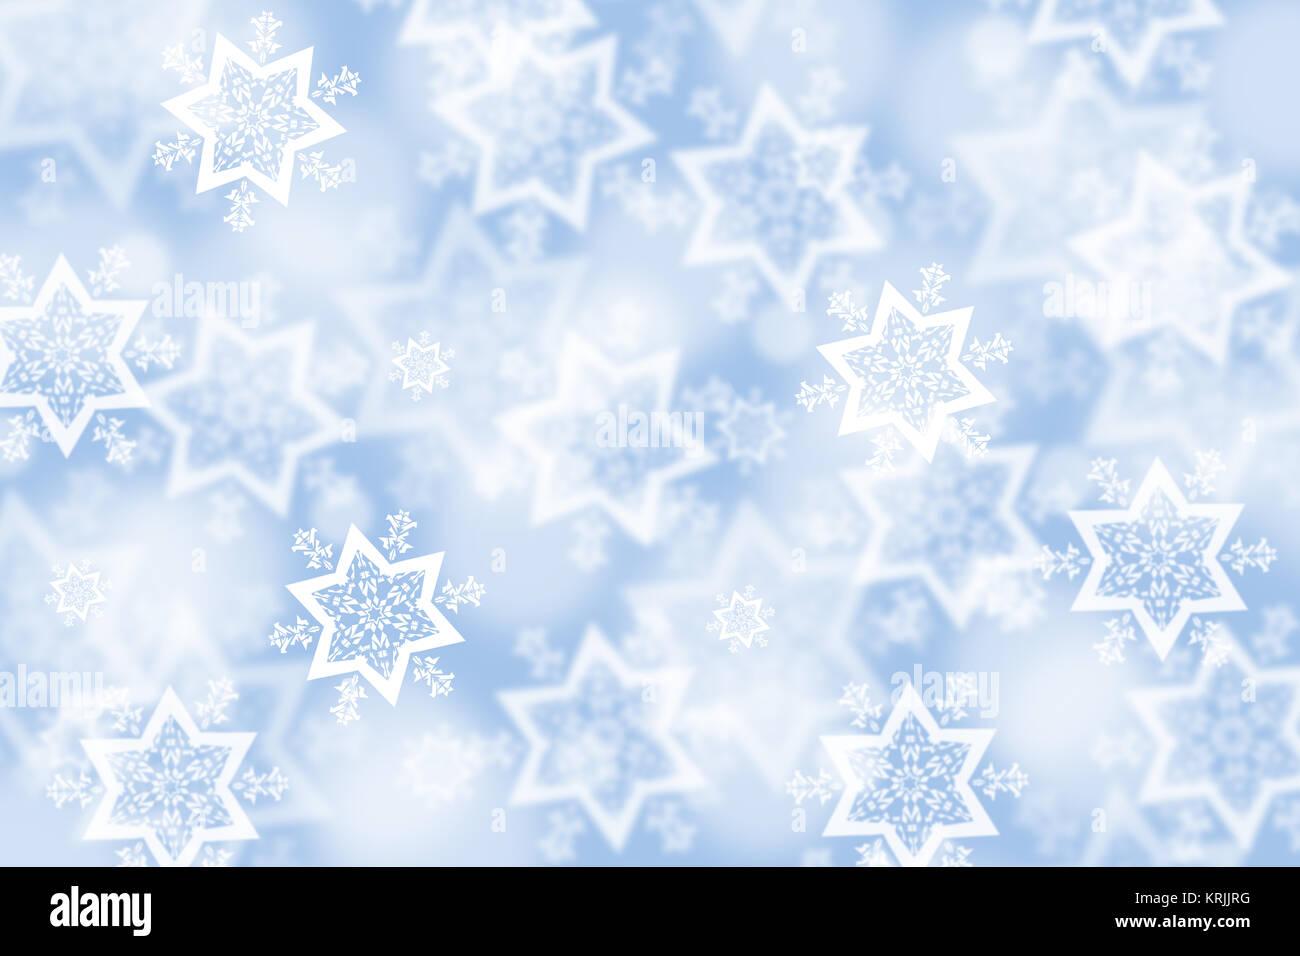 Weihnachten Schnee Winter Hintergrund Karte Weihnachtskarte Stock ...